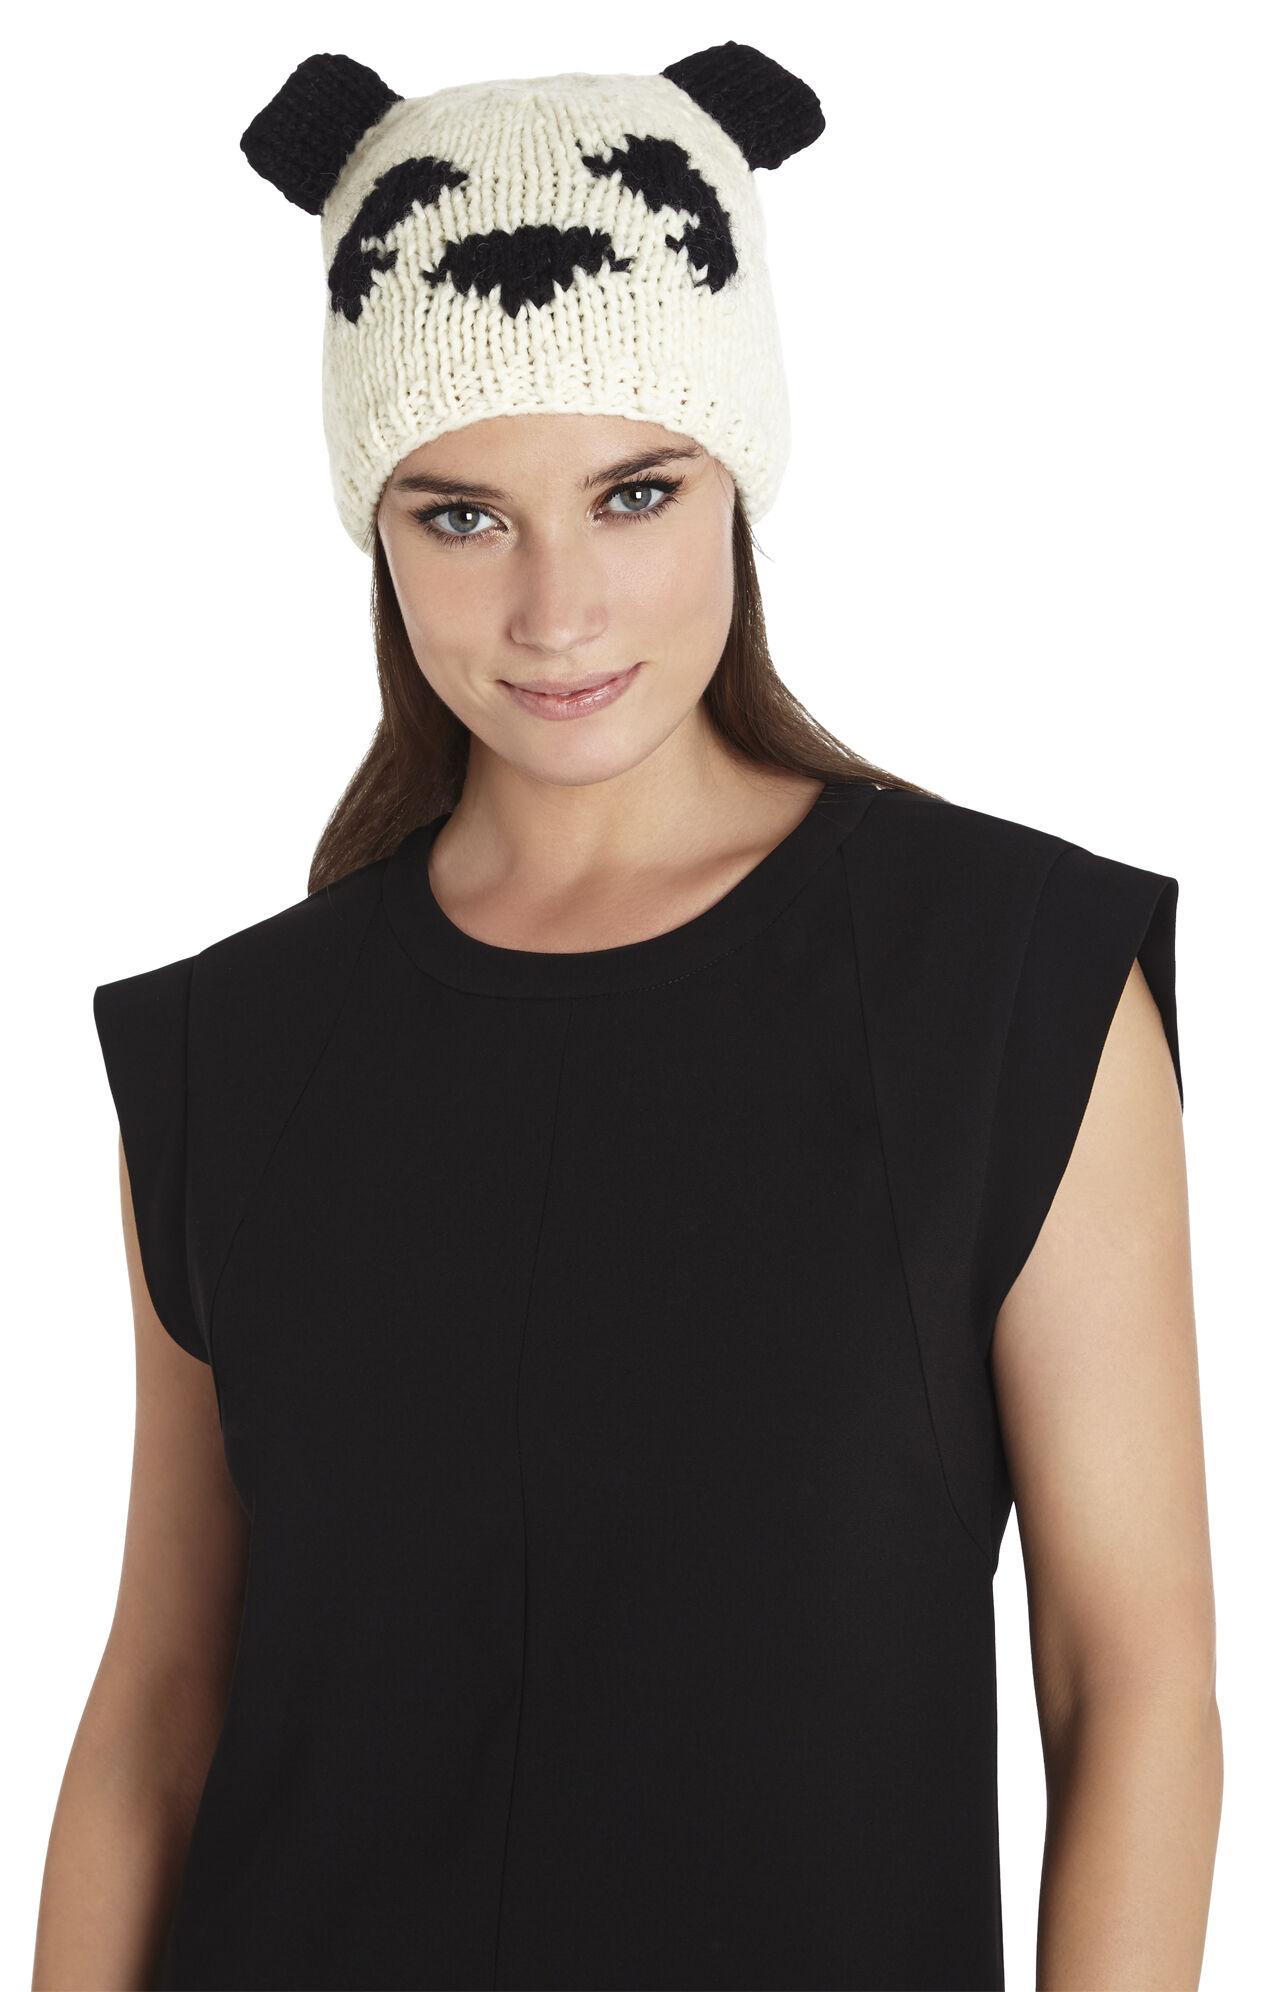 Intarsia Panda Hat